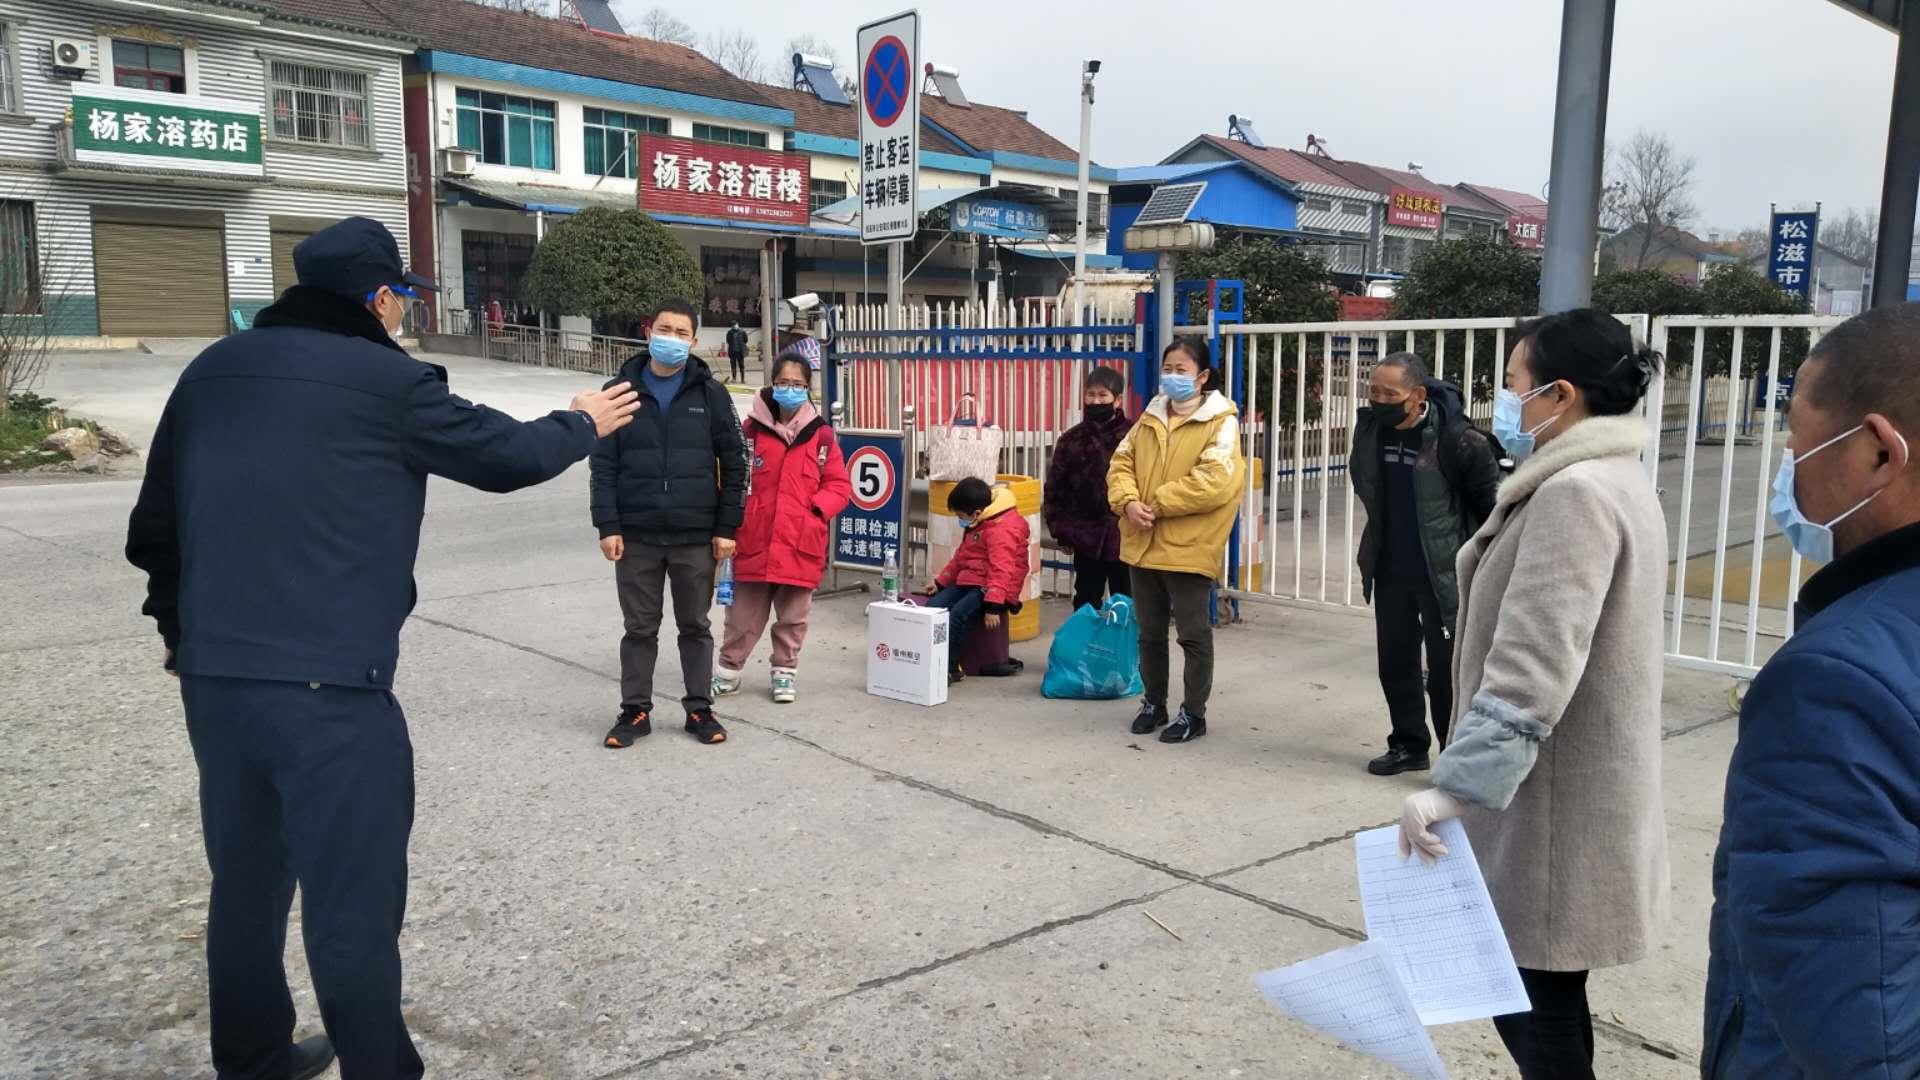 松滋市有多少人口_一夜之间,松滋版 清明上河图 惊艳了所有荆州人的朋友圈